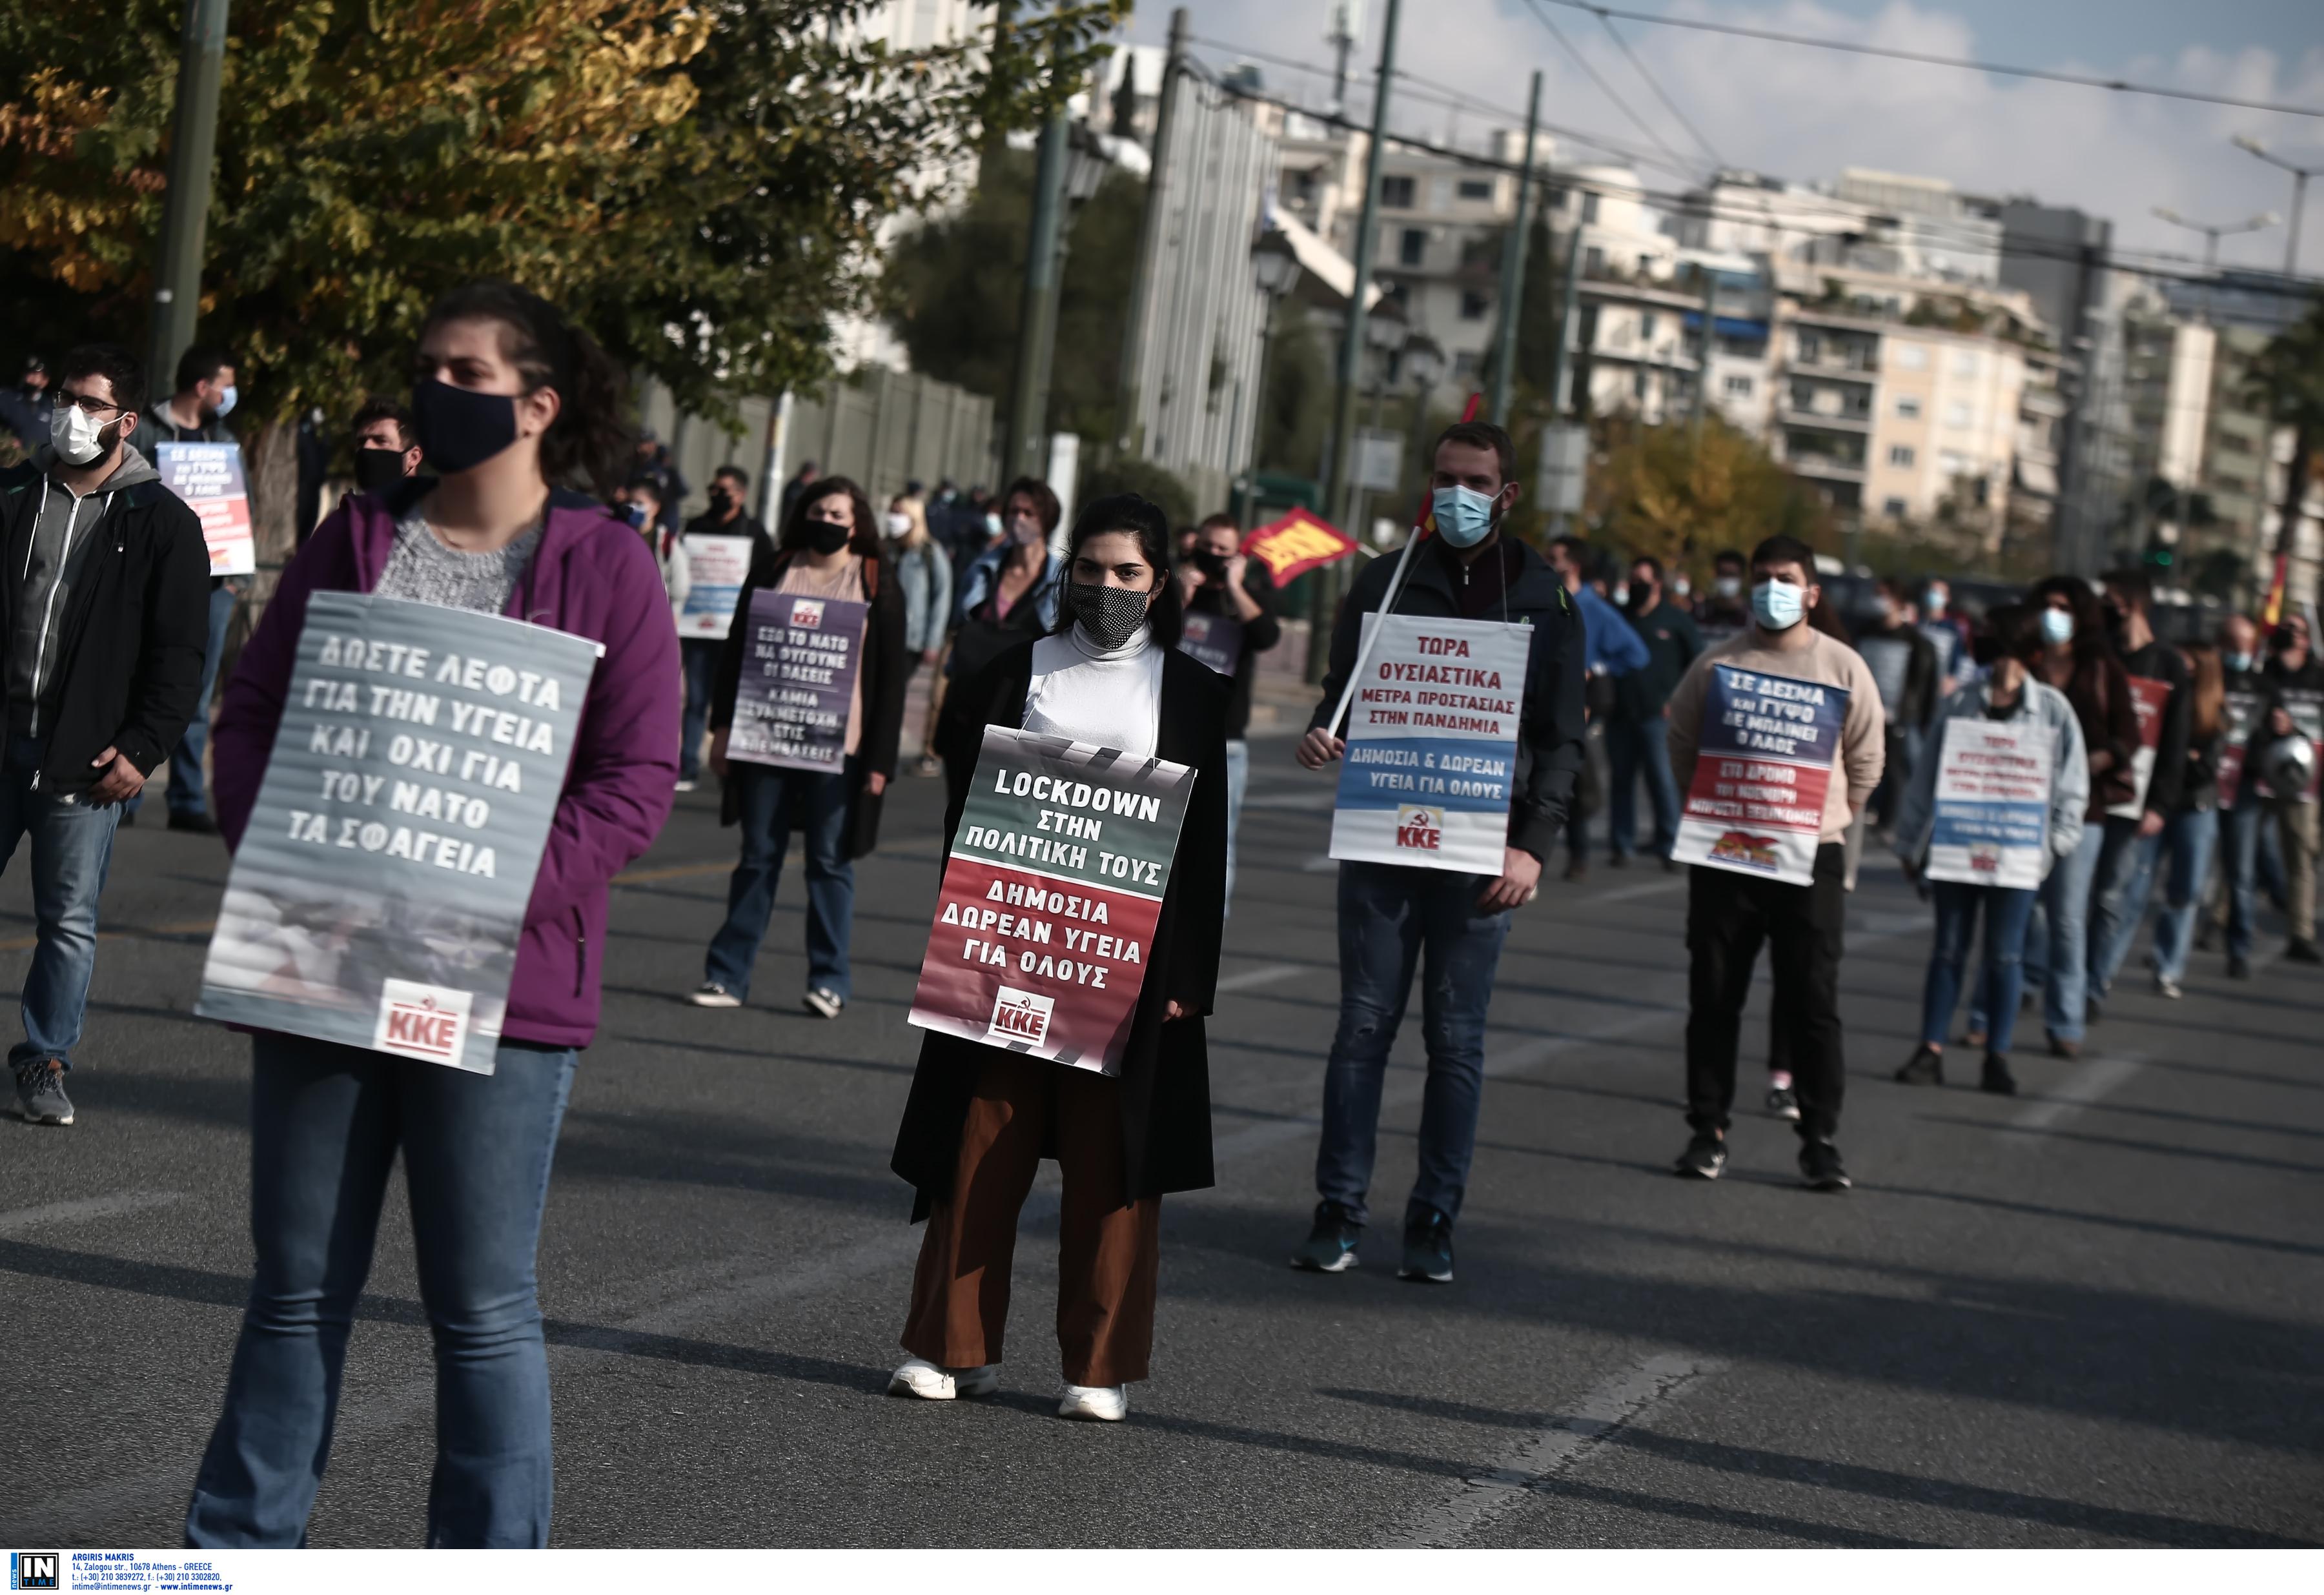 Πορεία του ΚΚΕ στην αμερικανική Πρεσβεία για το Πολυτεχνείο